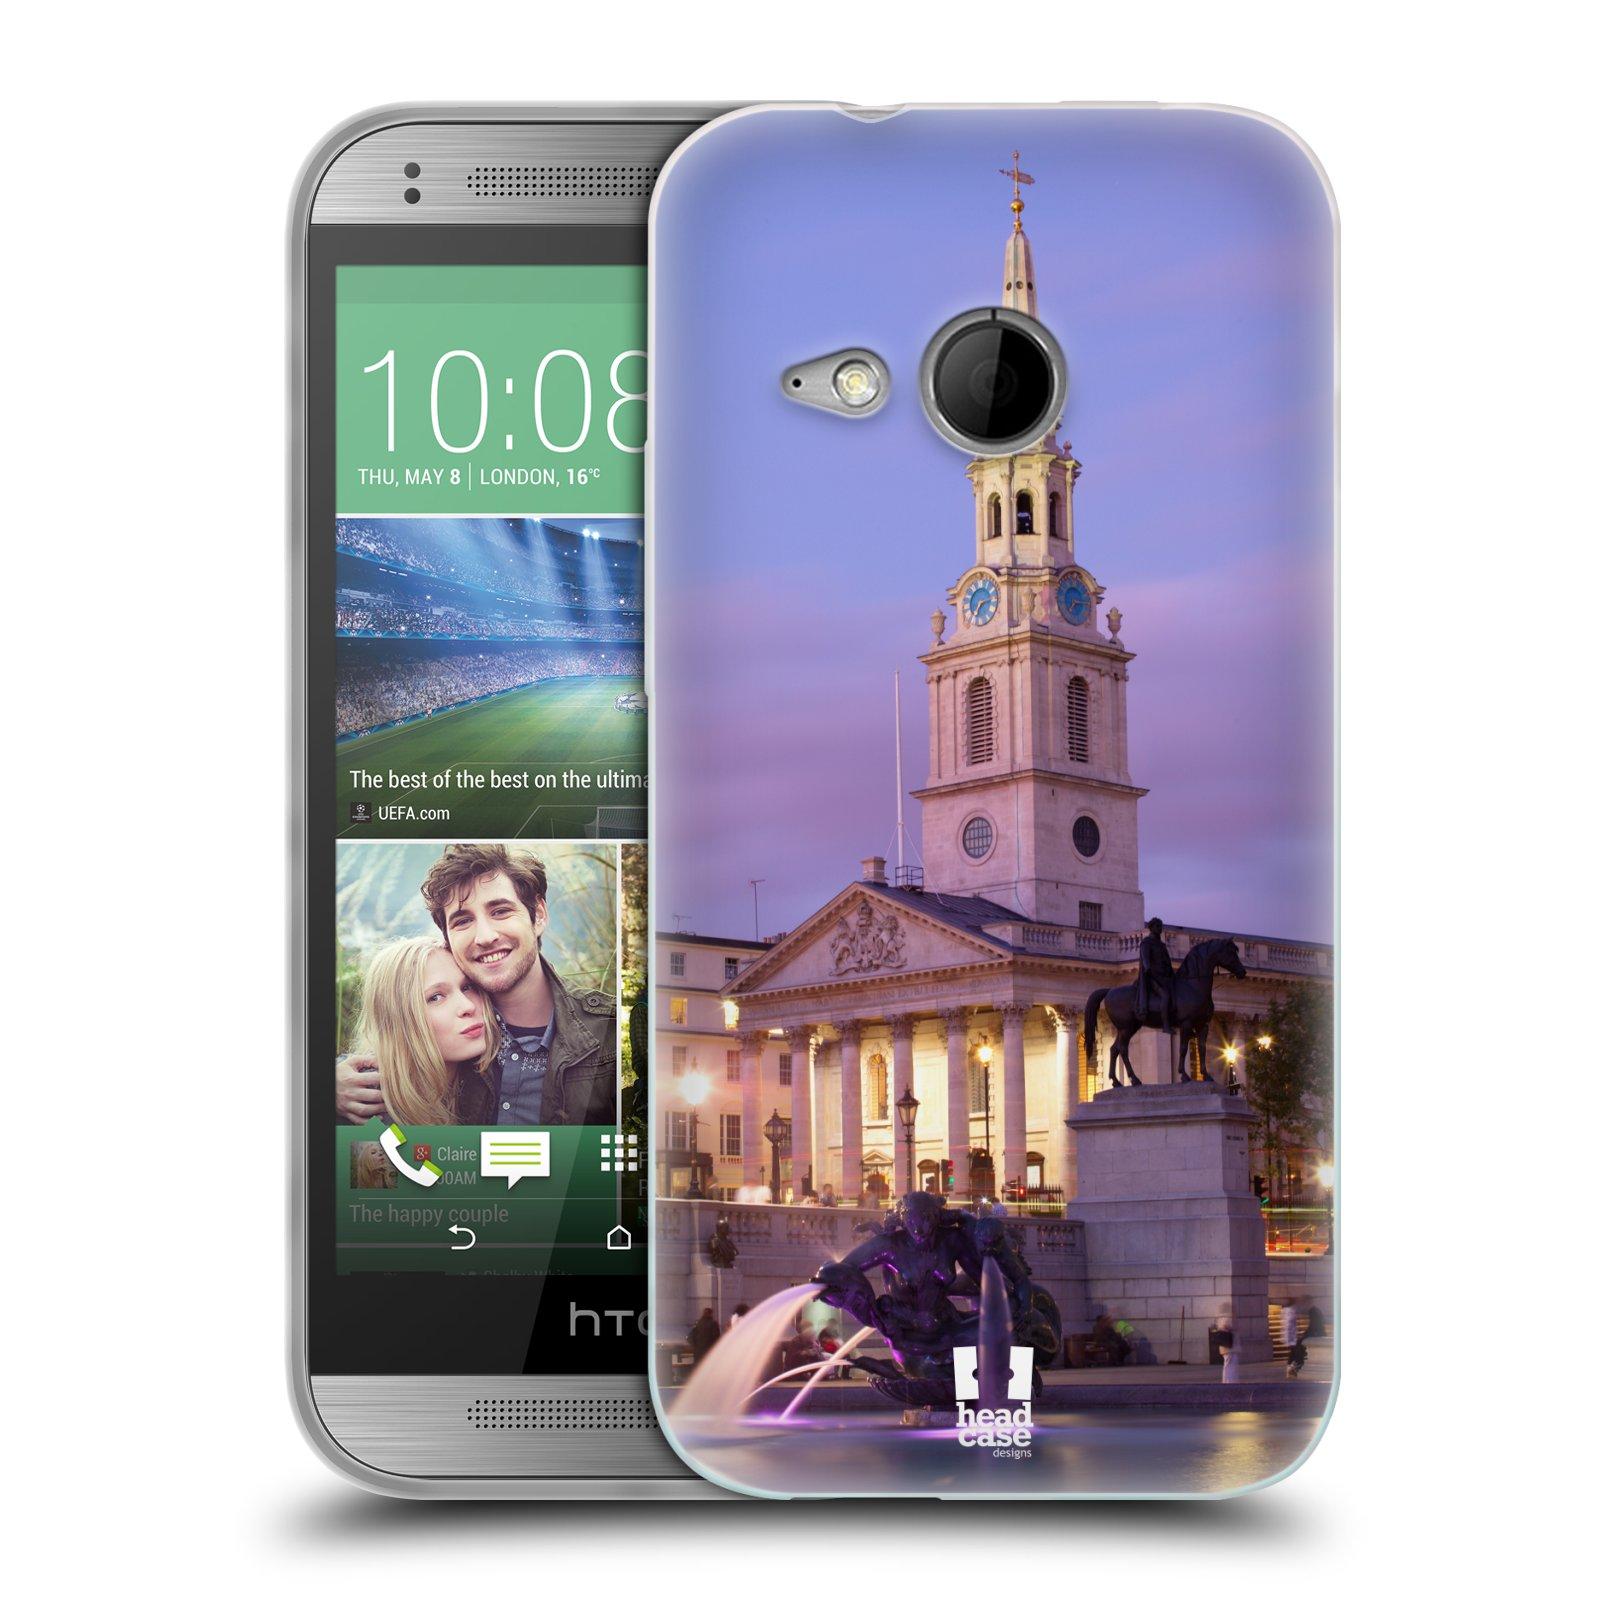 HEAD CASE silikonový obal na mobil HTC ONE MINI 2 vzor Města foto náměstí ANGLIE, LONDÝN, TRAFALGAR VĚŽ HODINY